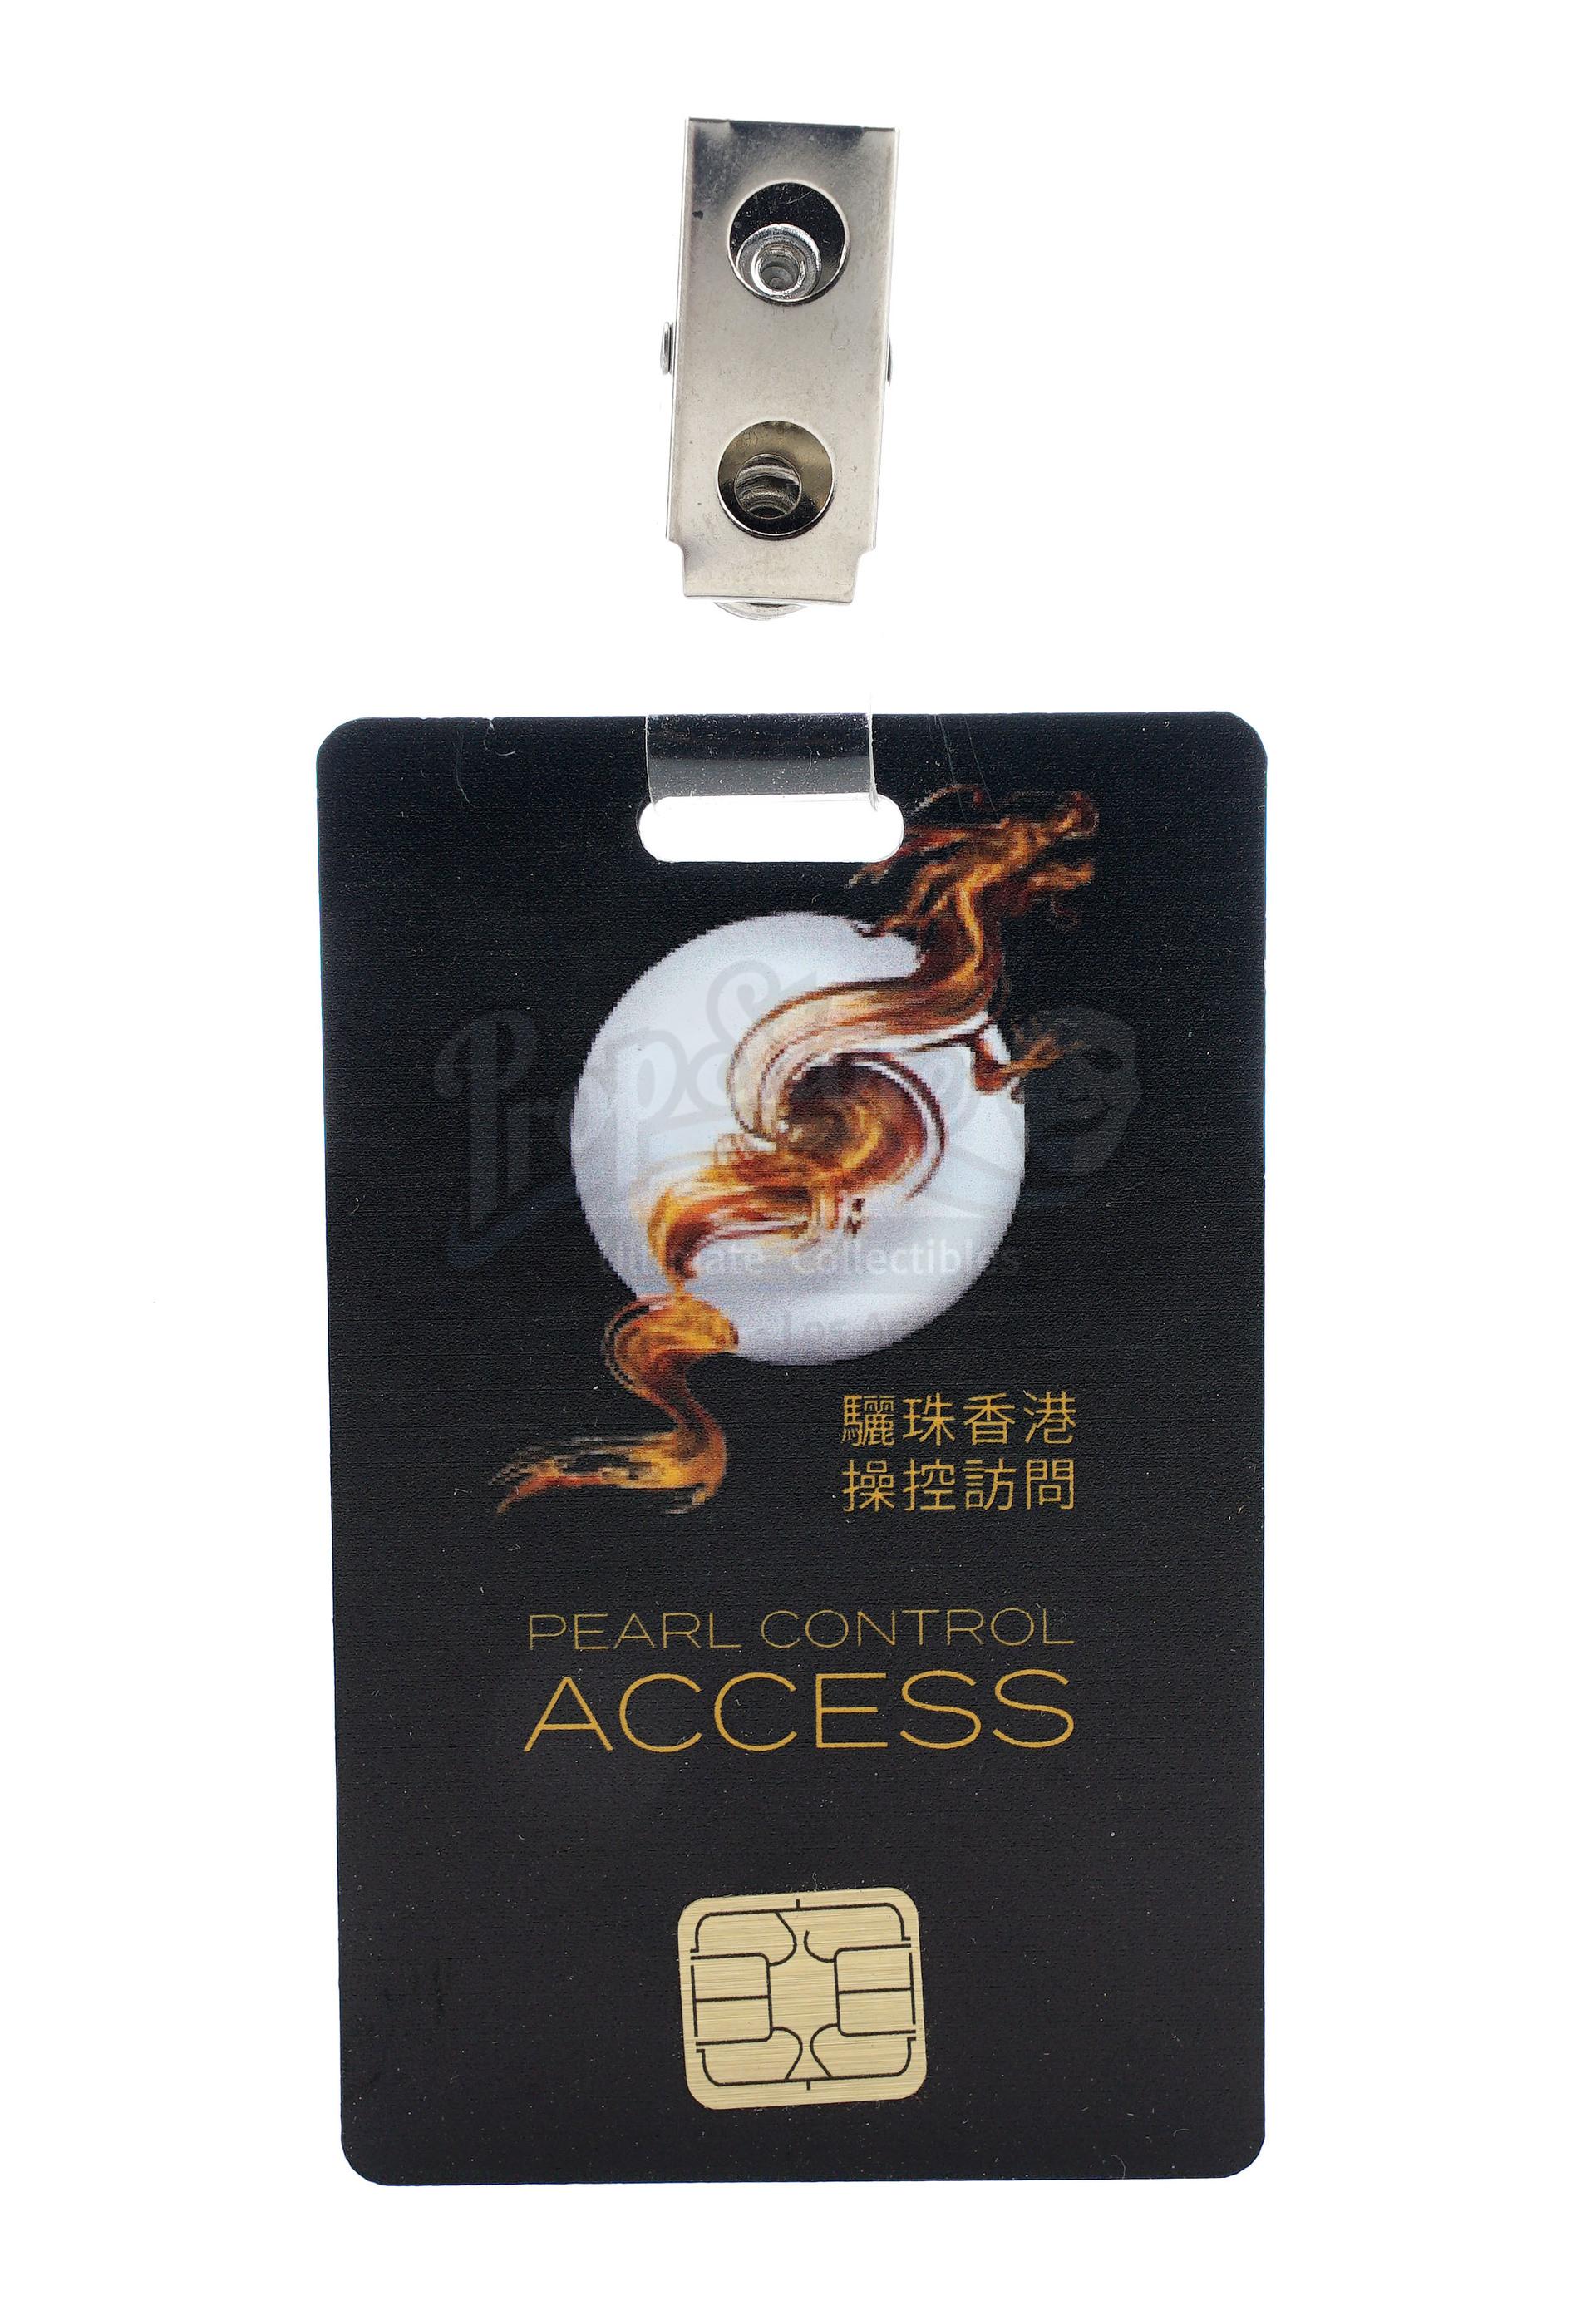 Lot # 1018: SKYSCRAPER - Zhao Long Ji's (Chin Han) Non-Functioning Flash Drive and Pearl Employee Ac - Image 6 of 9